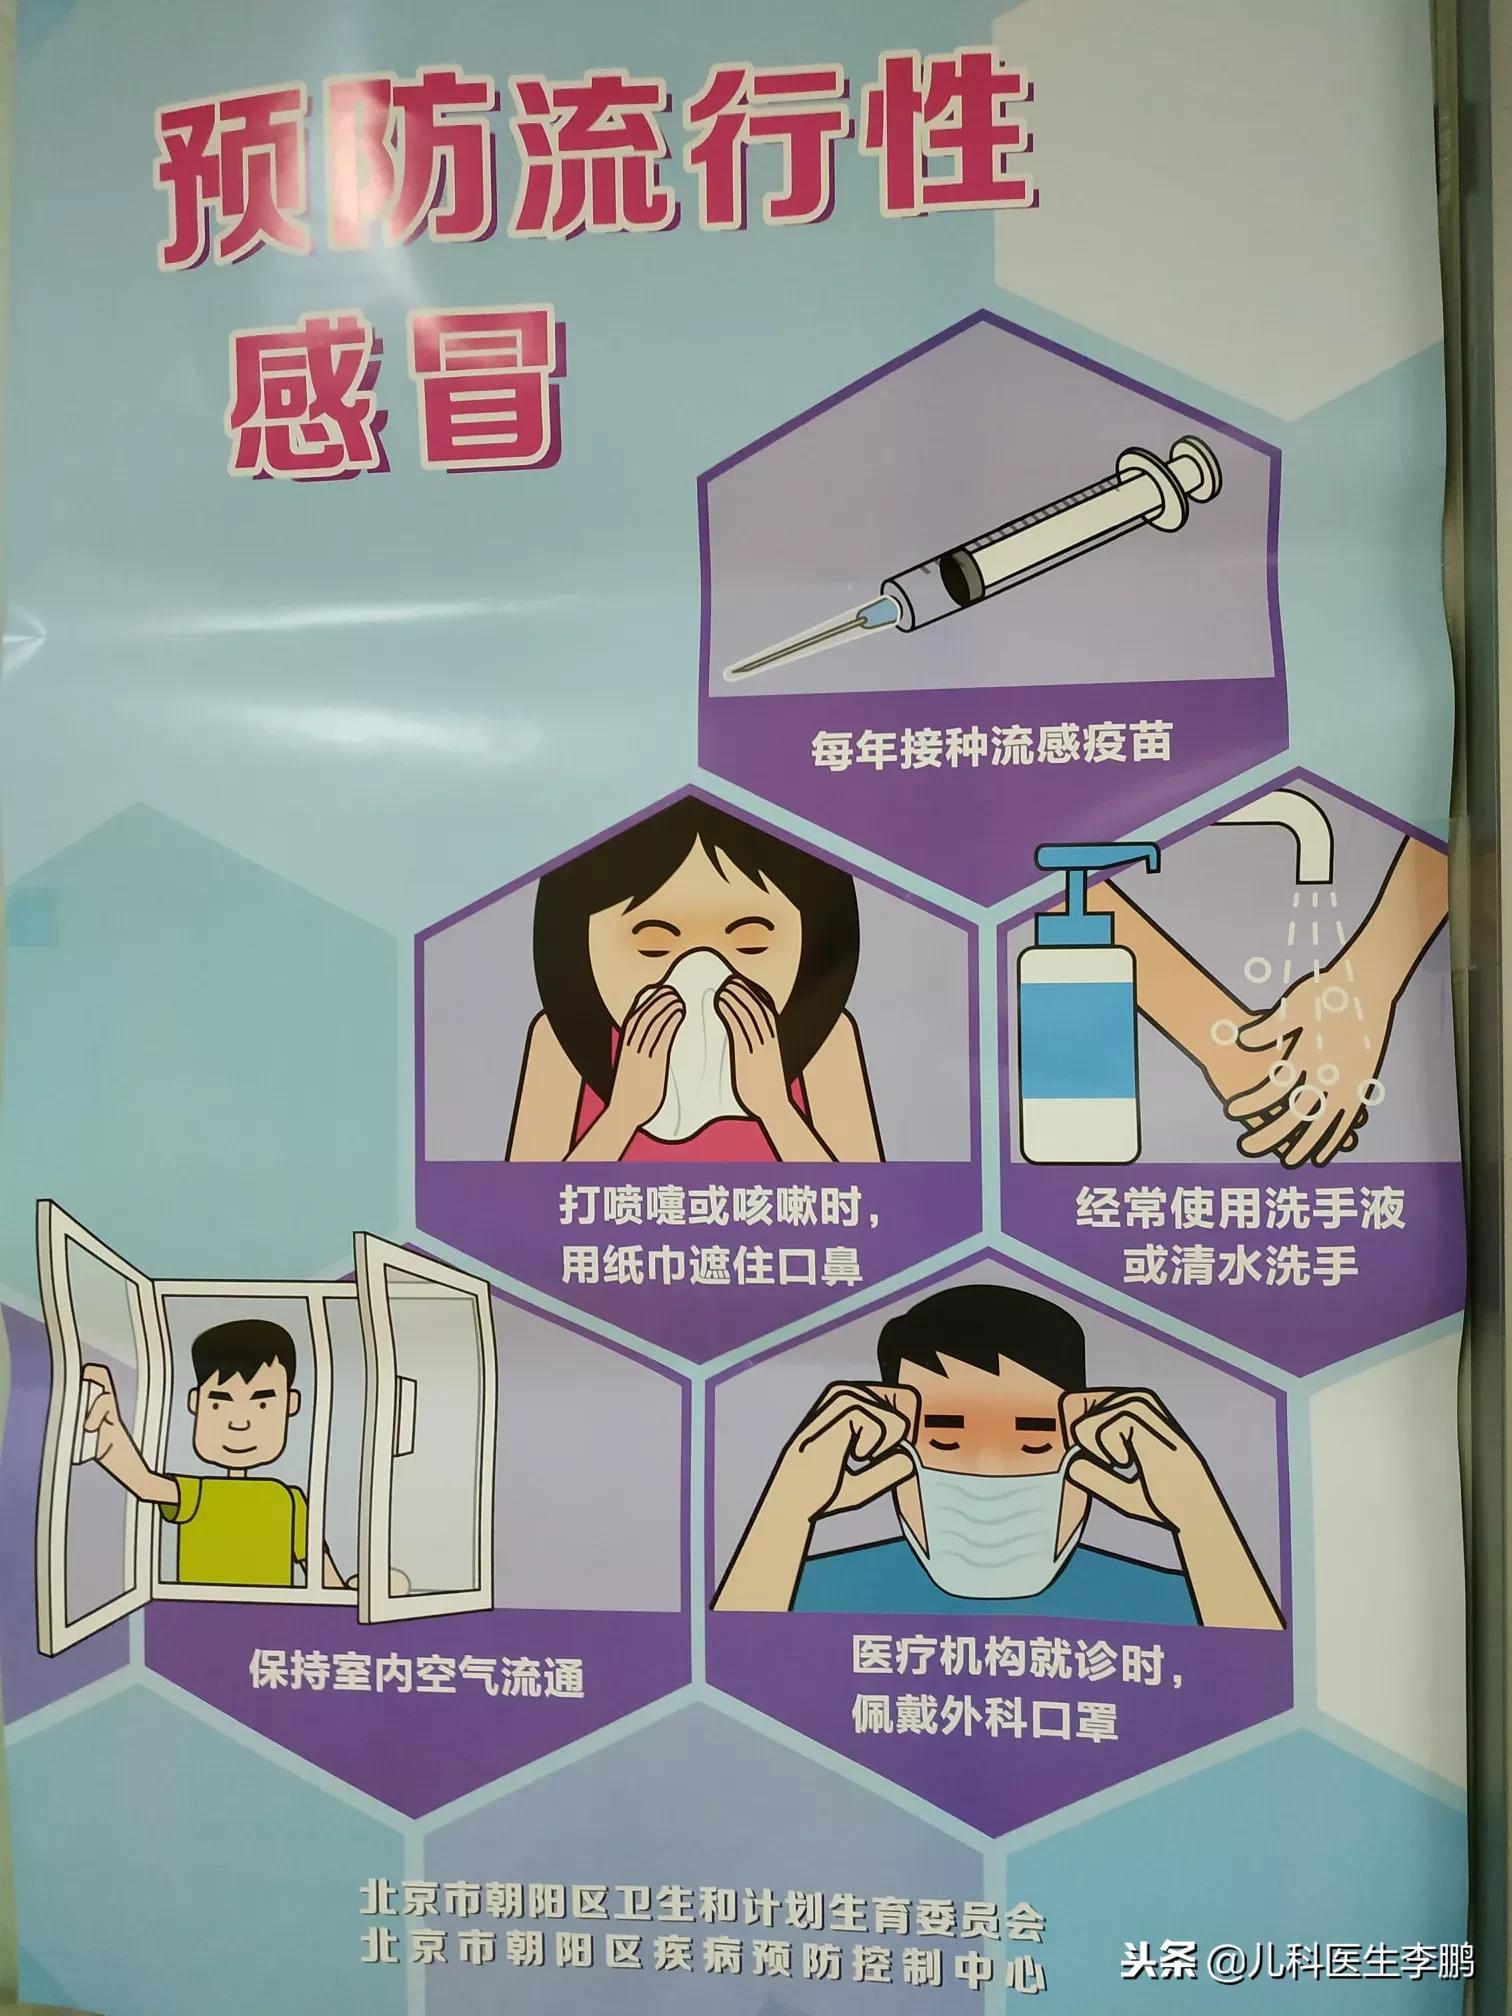 流感,流感,流感,积极预防,早期发现,早 - 第1张  | 网络大咖